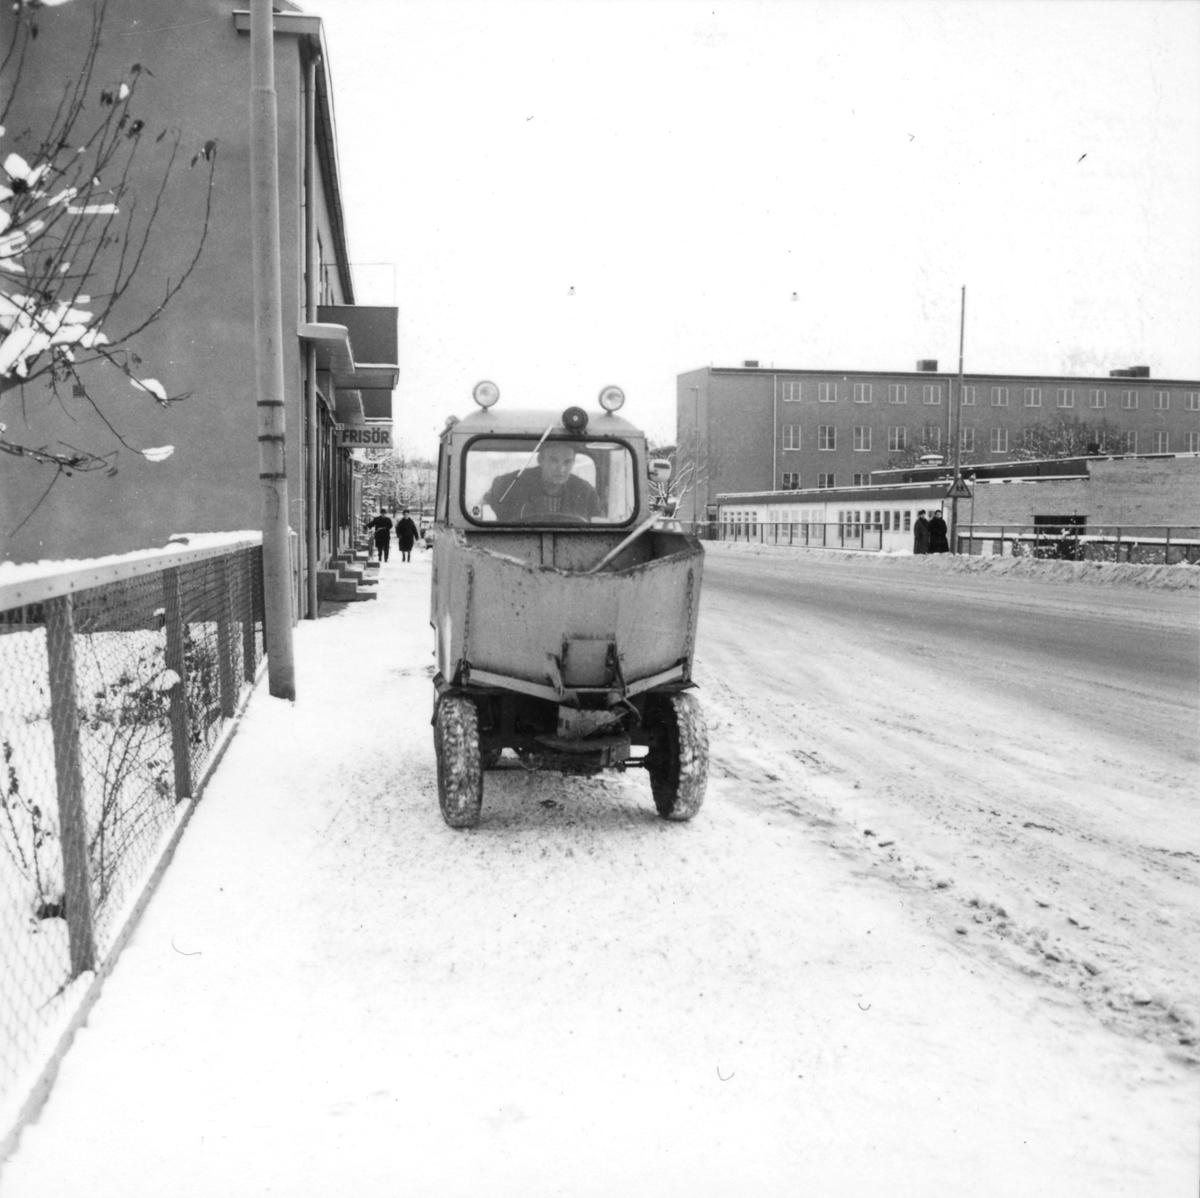 Orig. text: Vinterväghållning.Snöröjning på Nya Tanneforsvägen, mitt emot Tanneforsskolan.